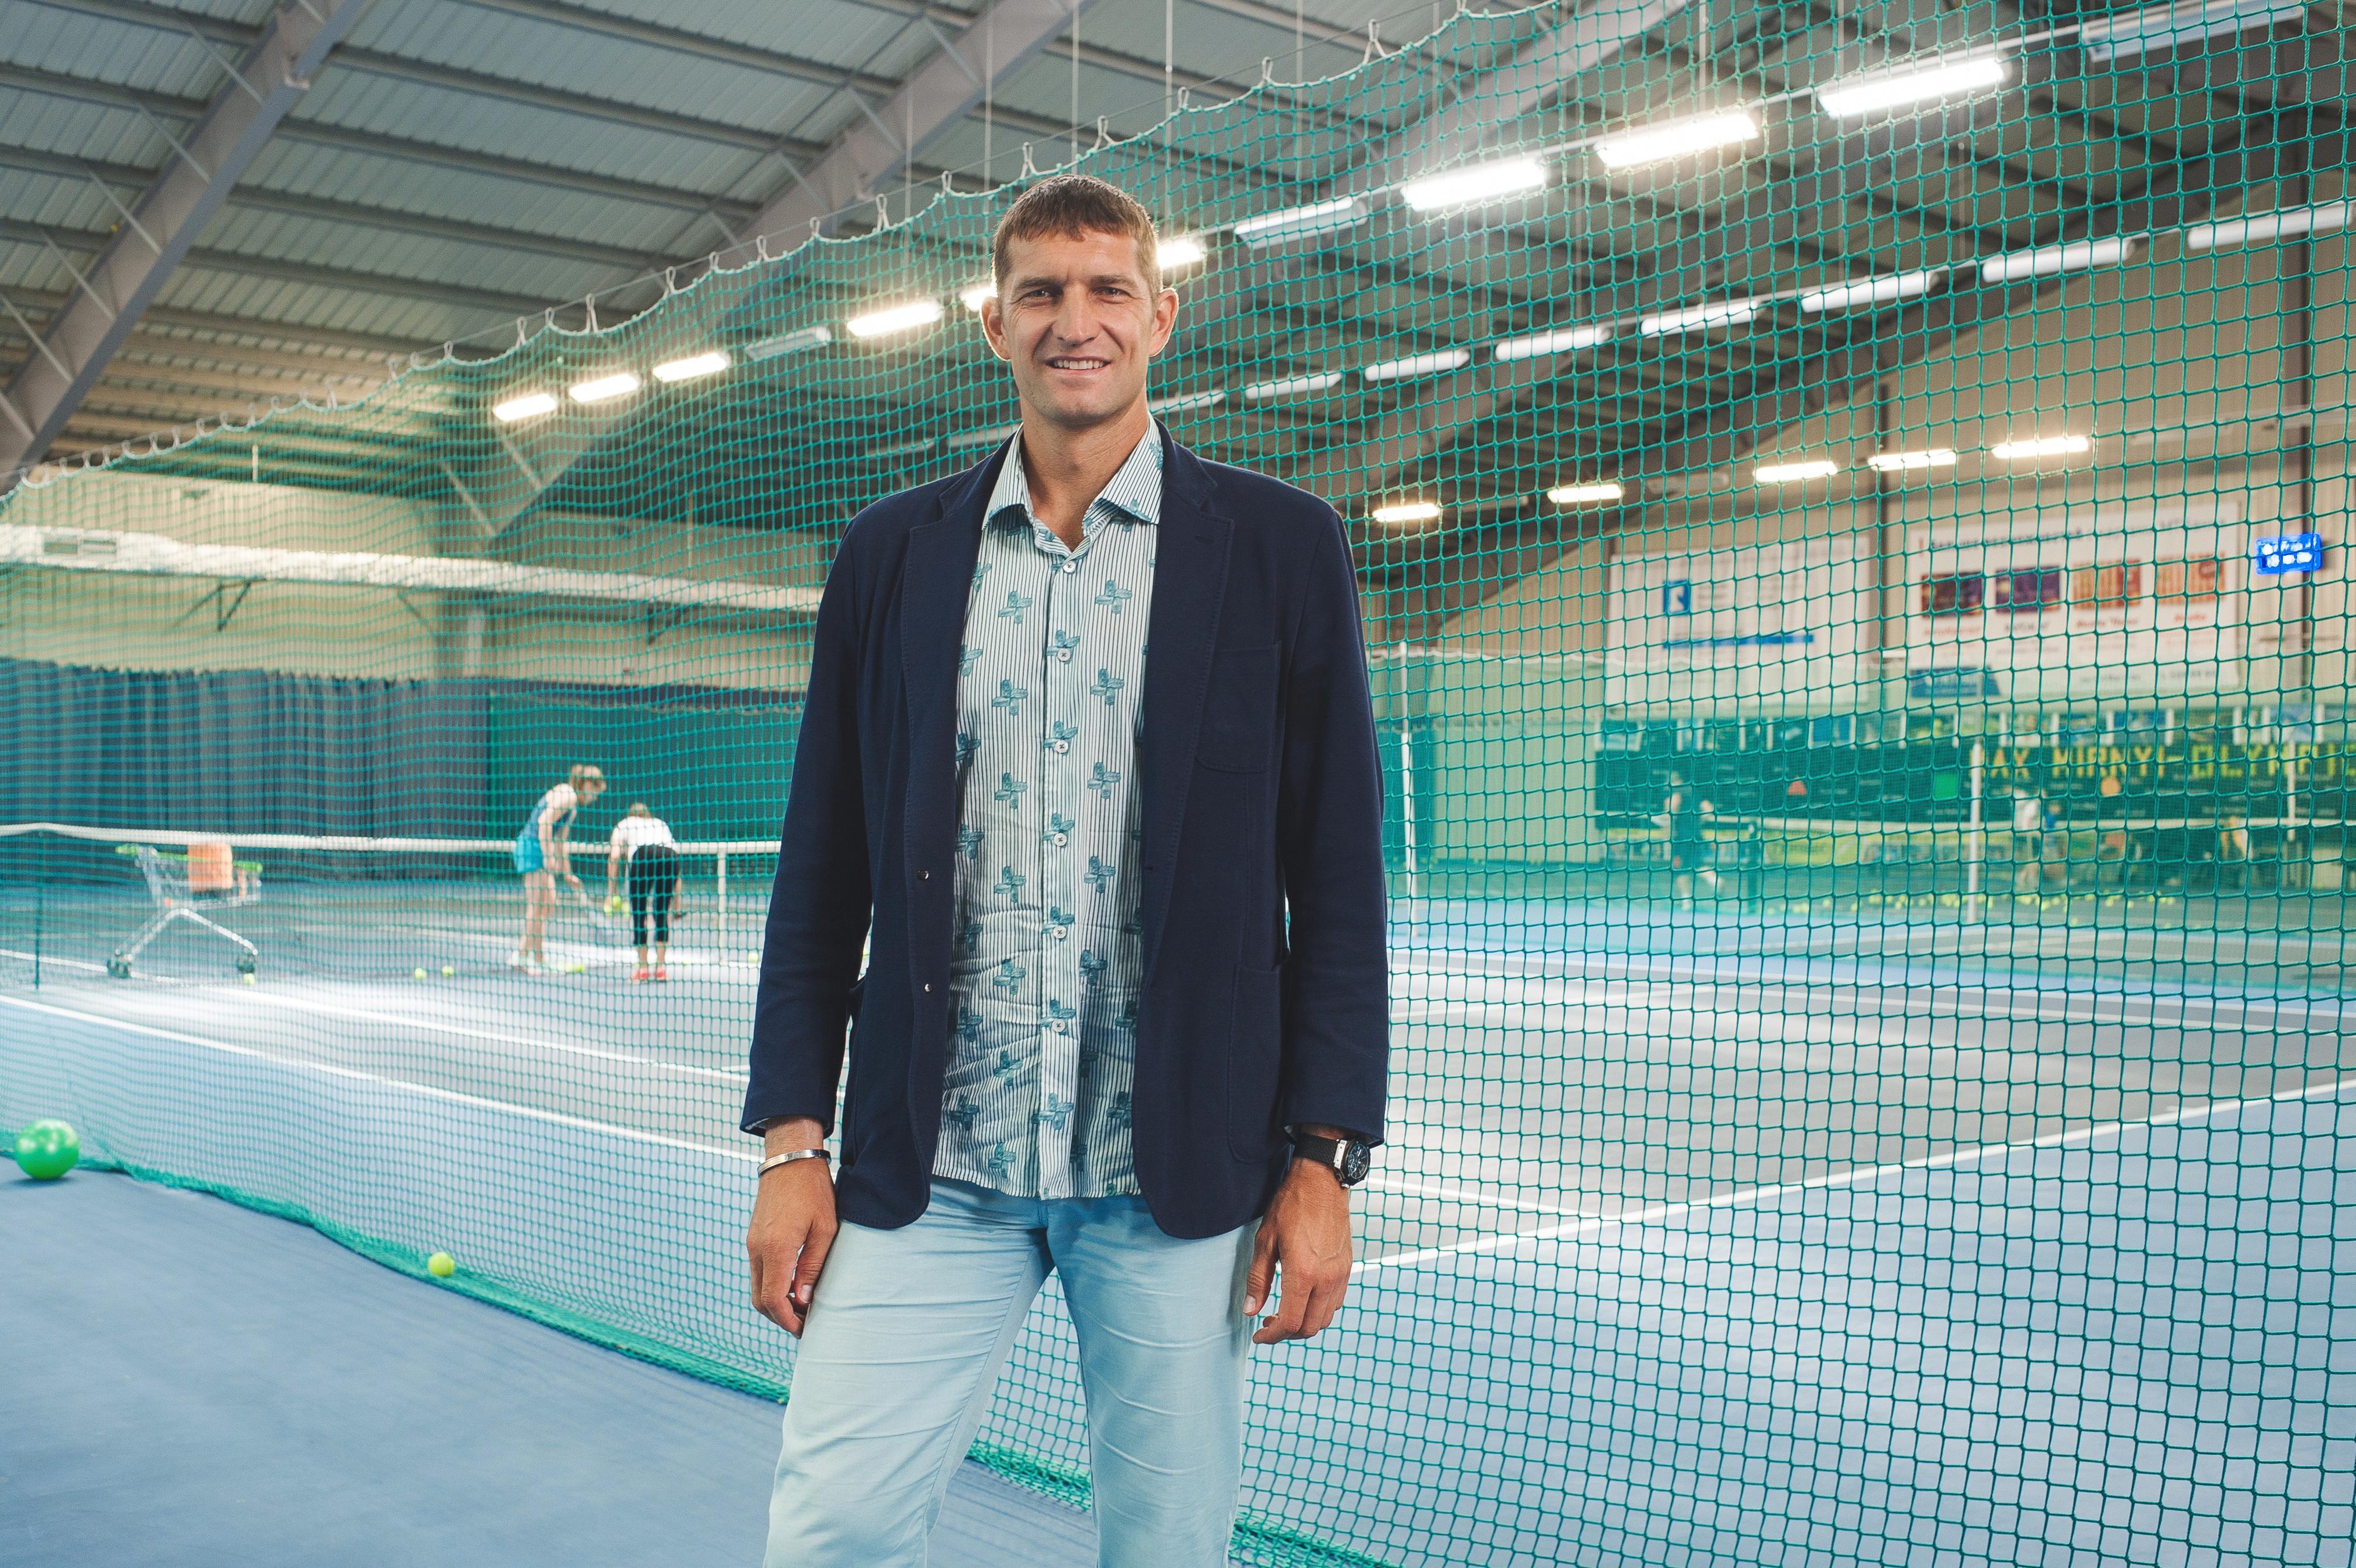 Максим Мирный. Теннисист и бизнесмен.